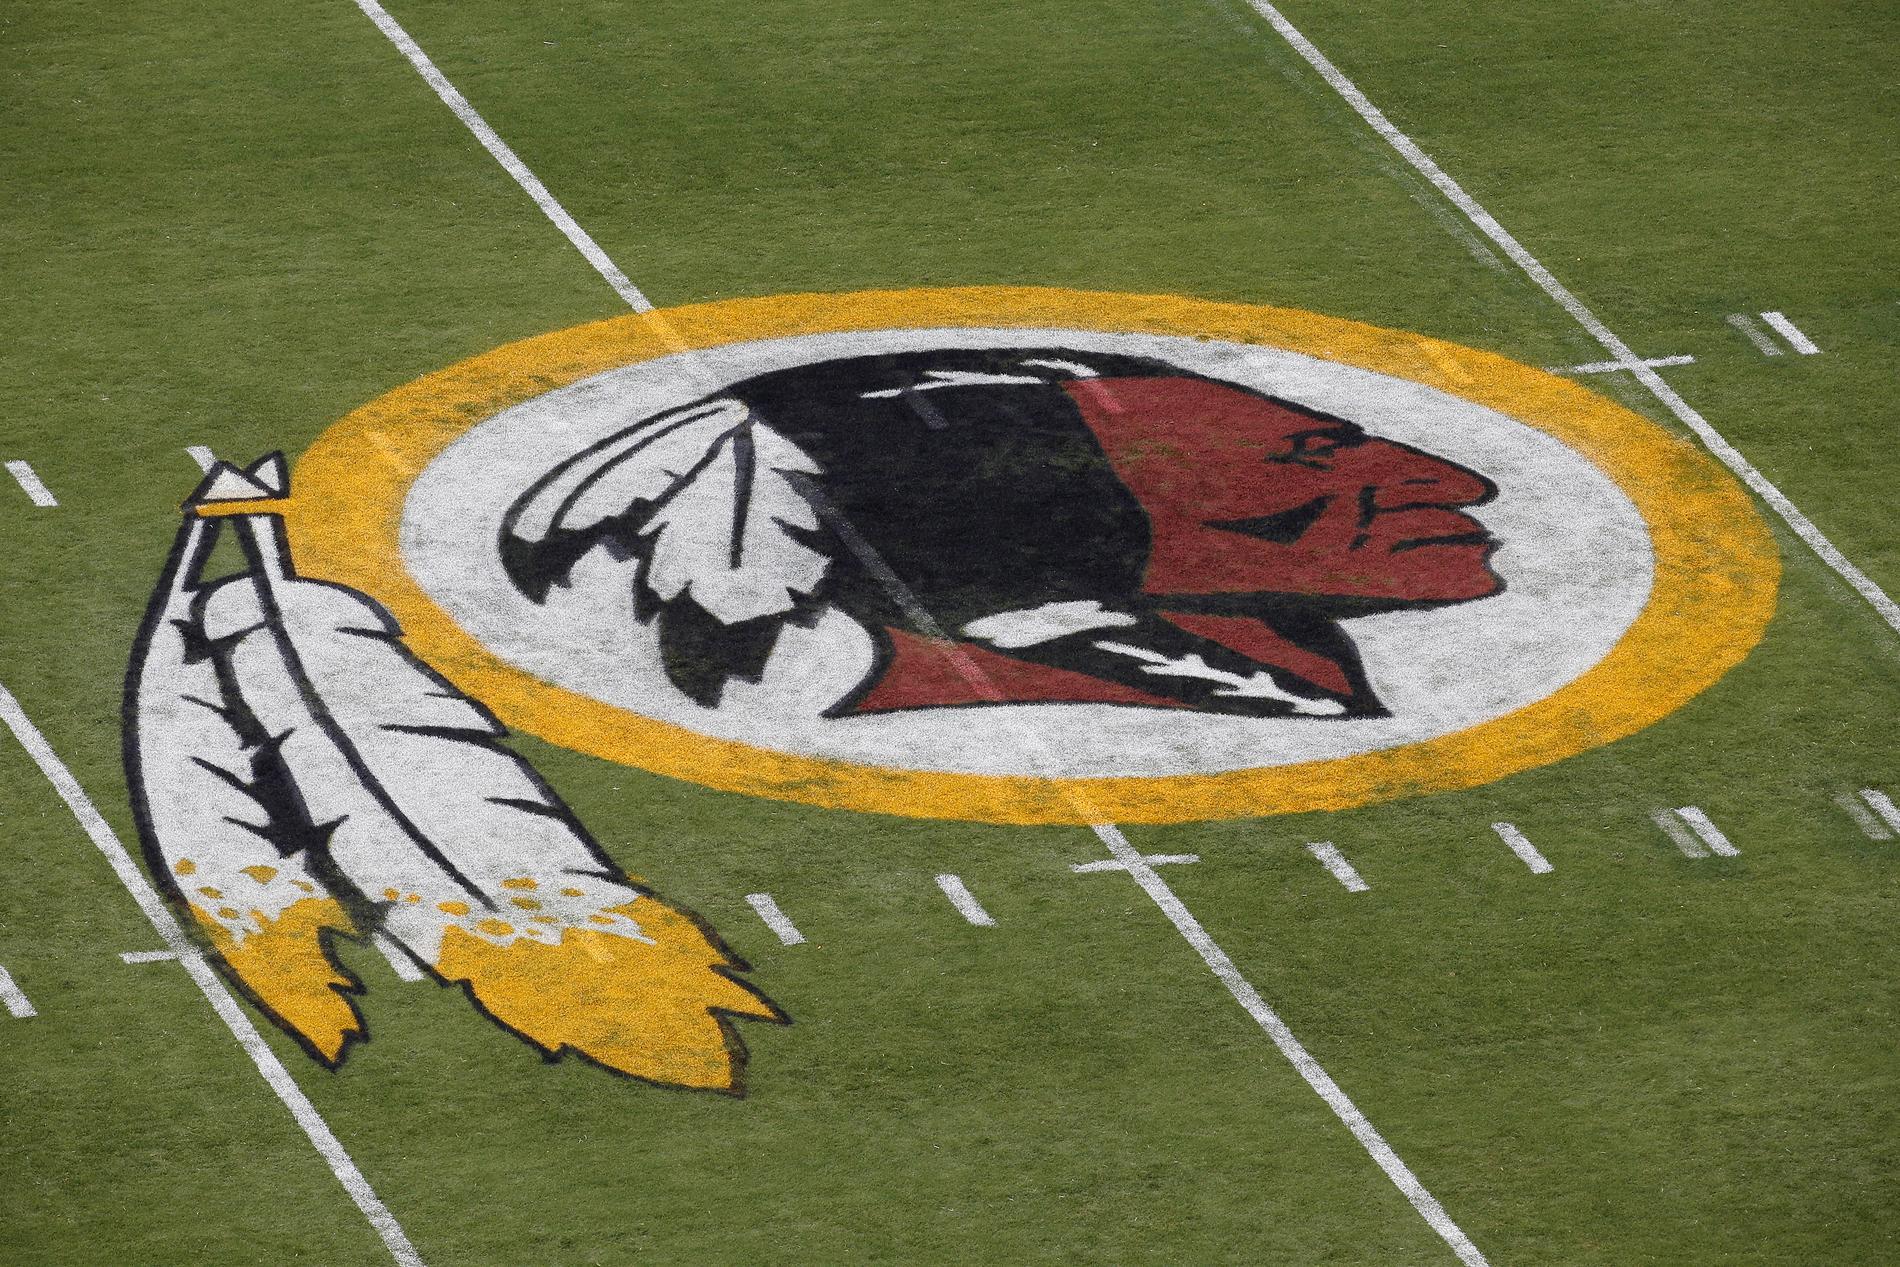 Washington Redskins klubbmärke.